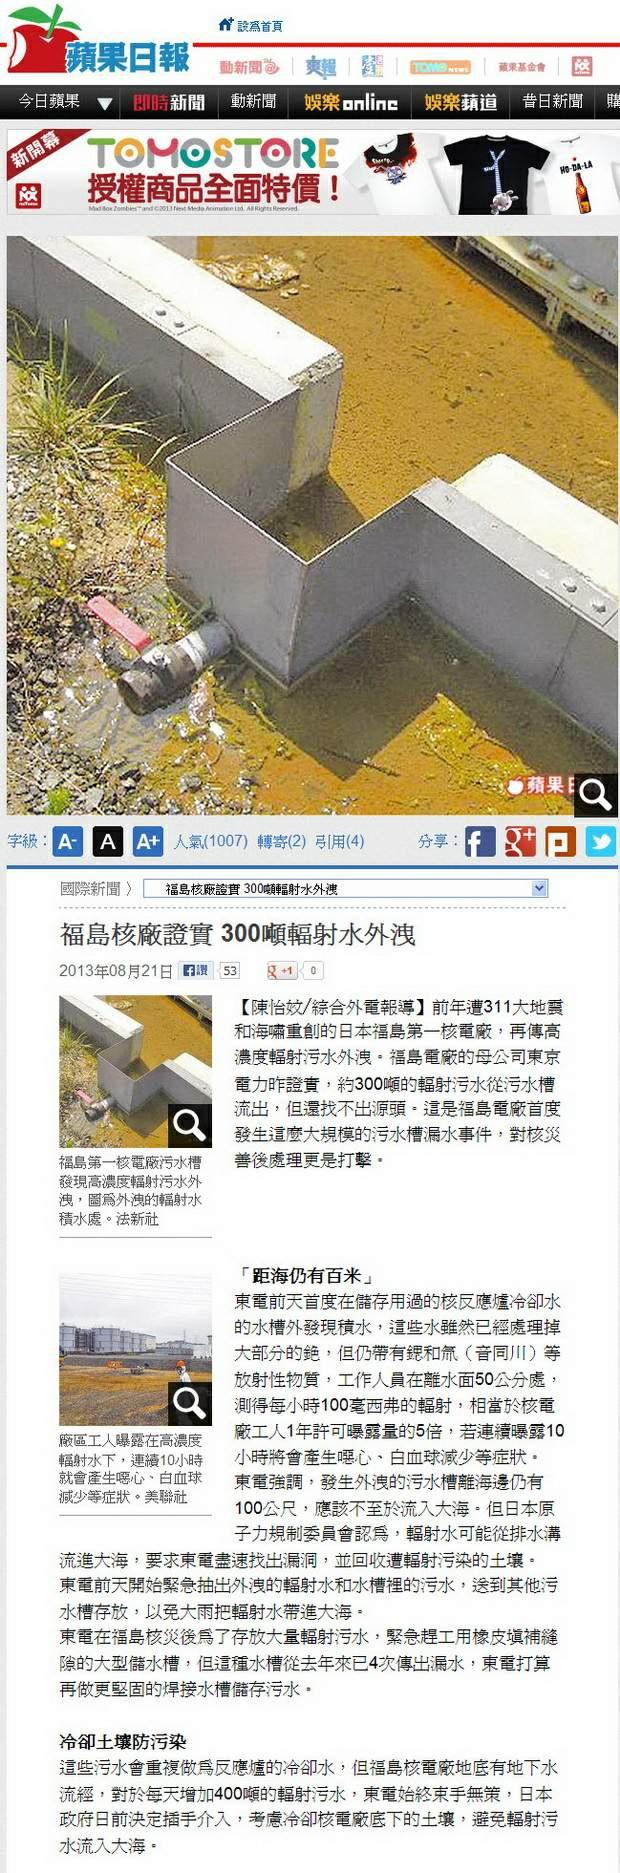 福島核廠證實 300噸輻射水外洩-2013.08.21.jpg